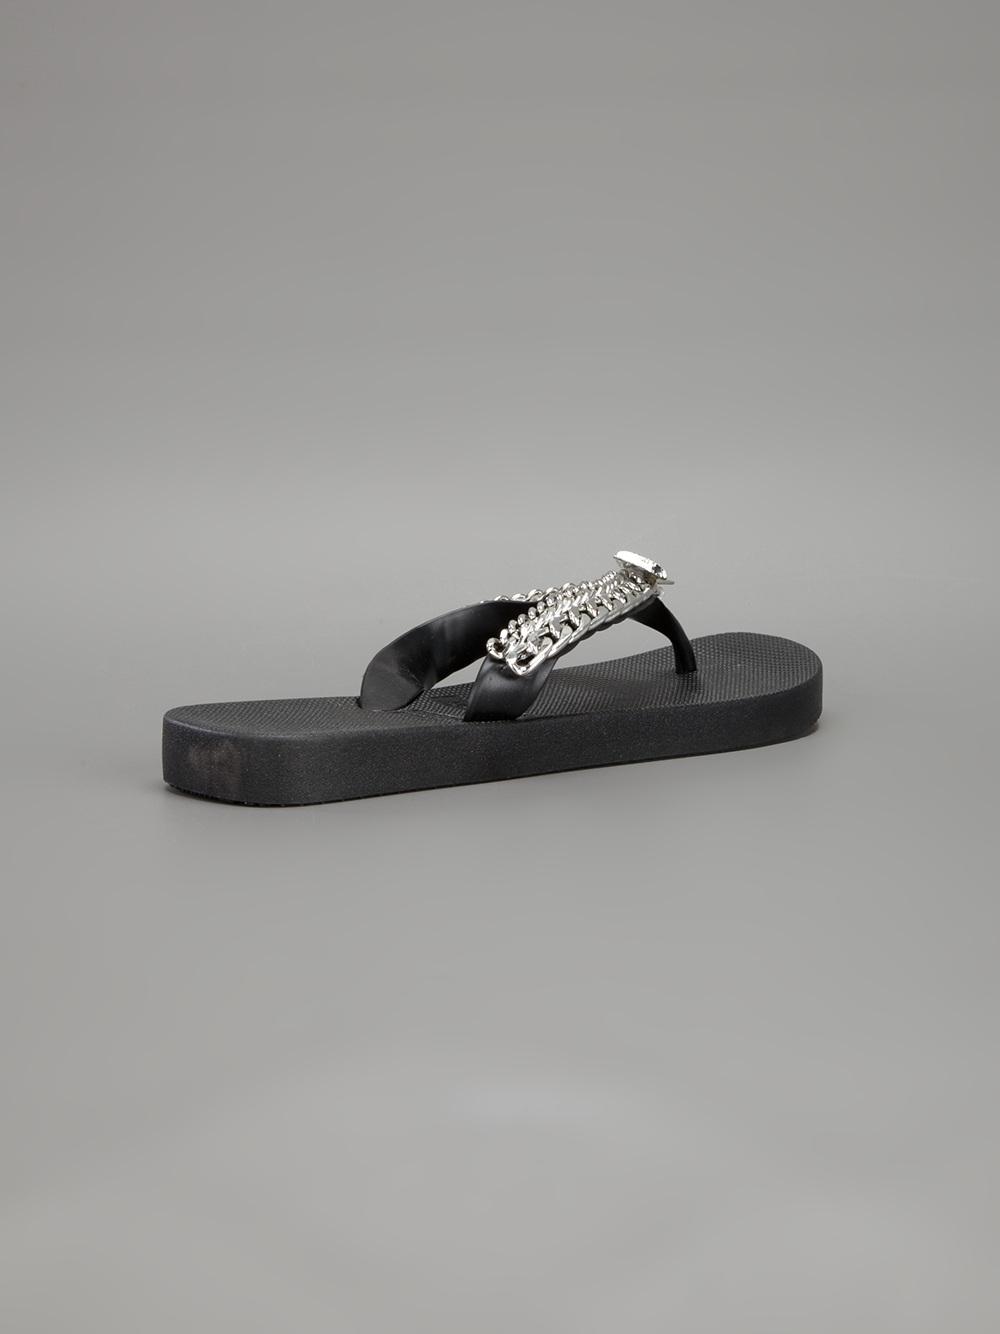 Uzurii Chain Detail Flip Flop In Black For Men Lyst